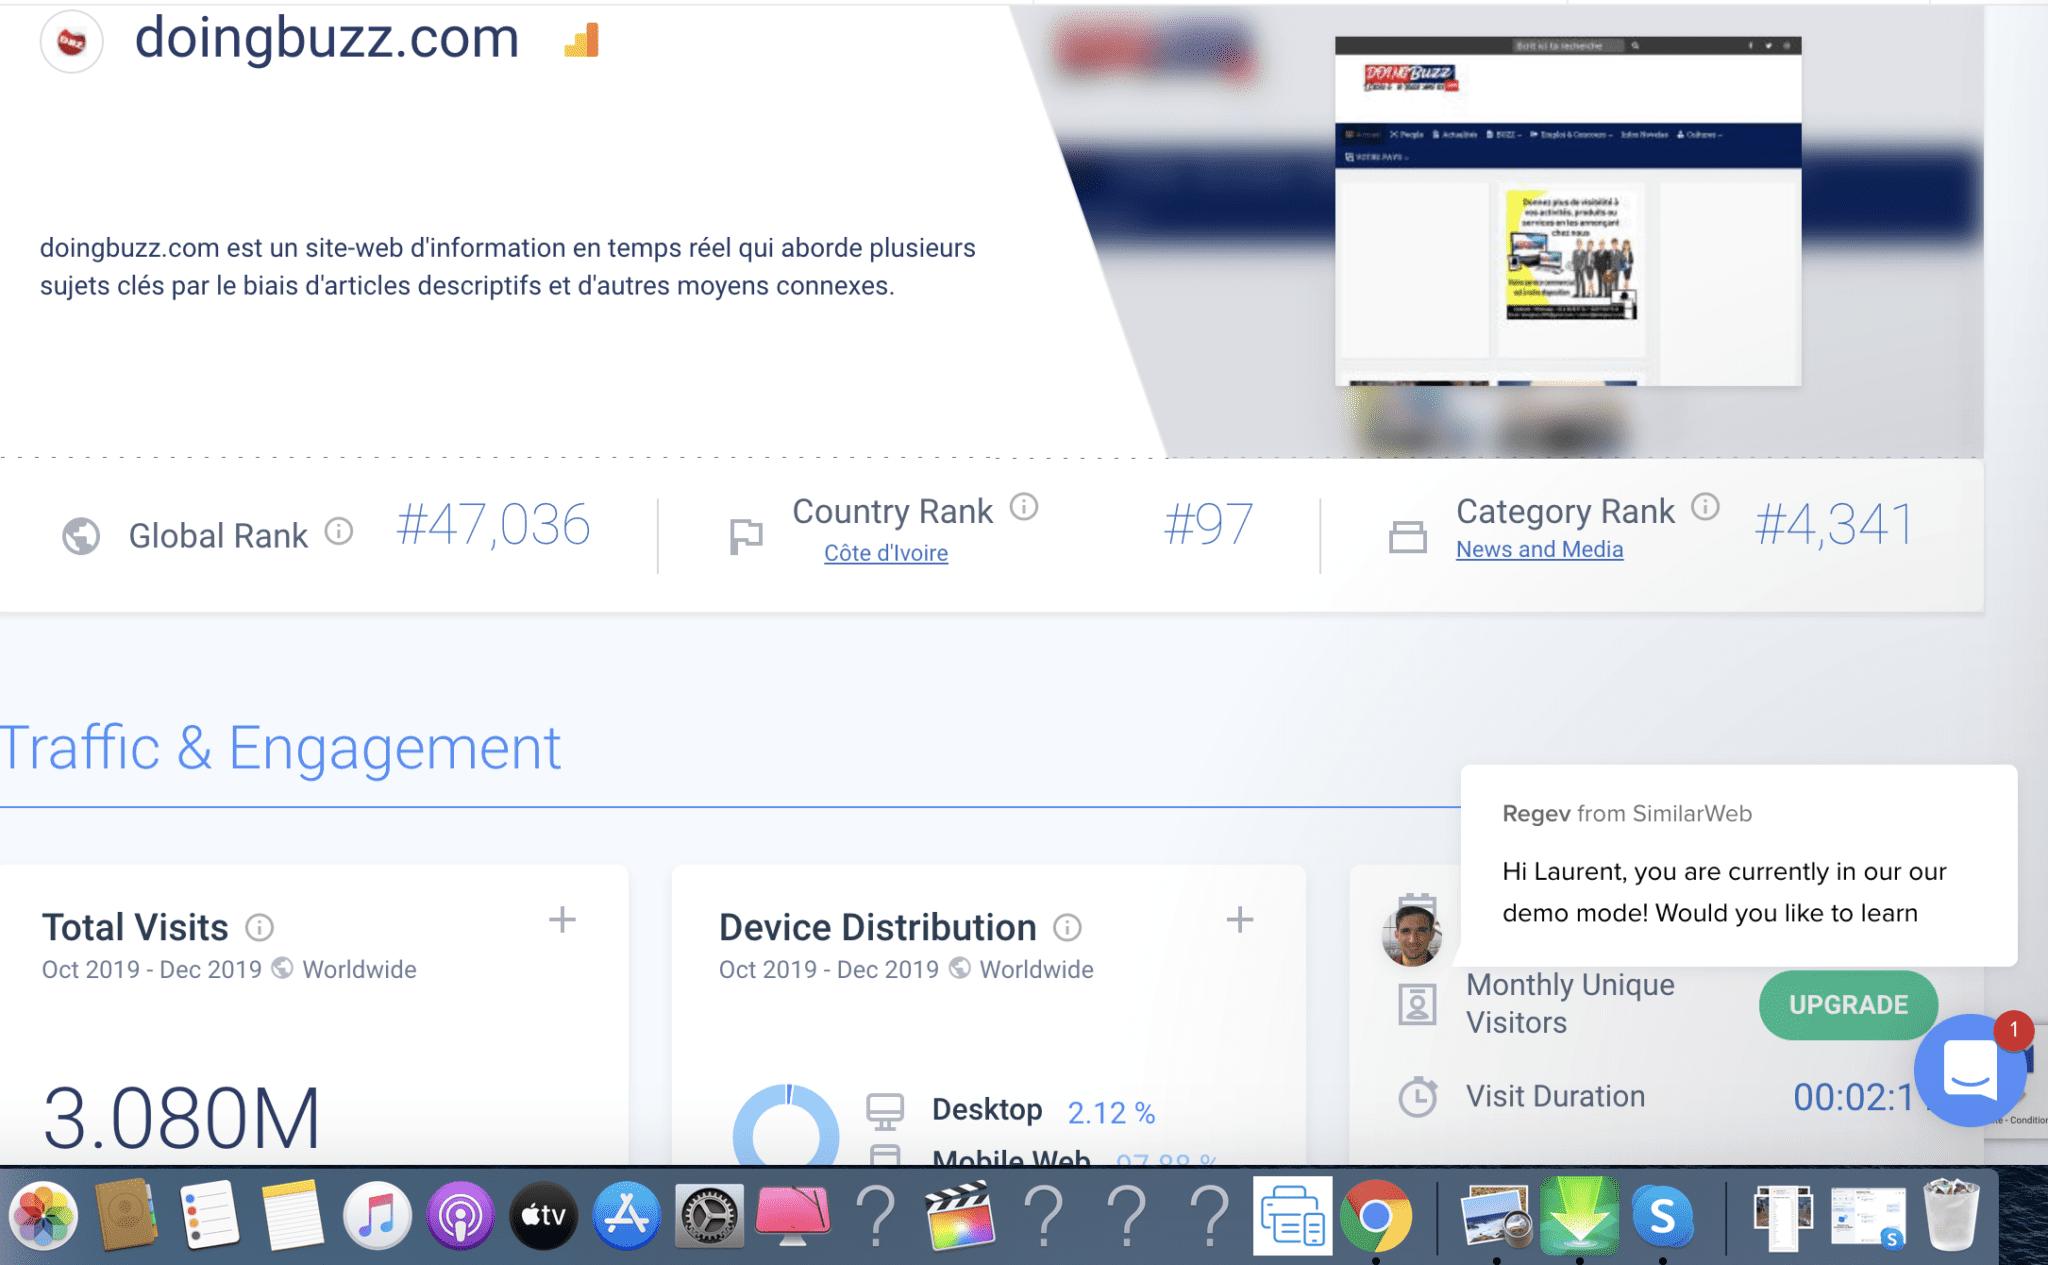 Doingbuzz.com, c'est désormais plus de 3 Millions de visiteurs